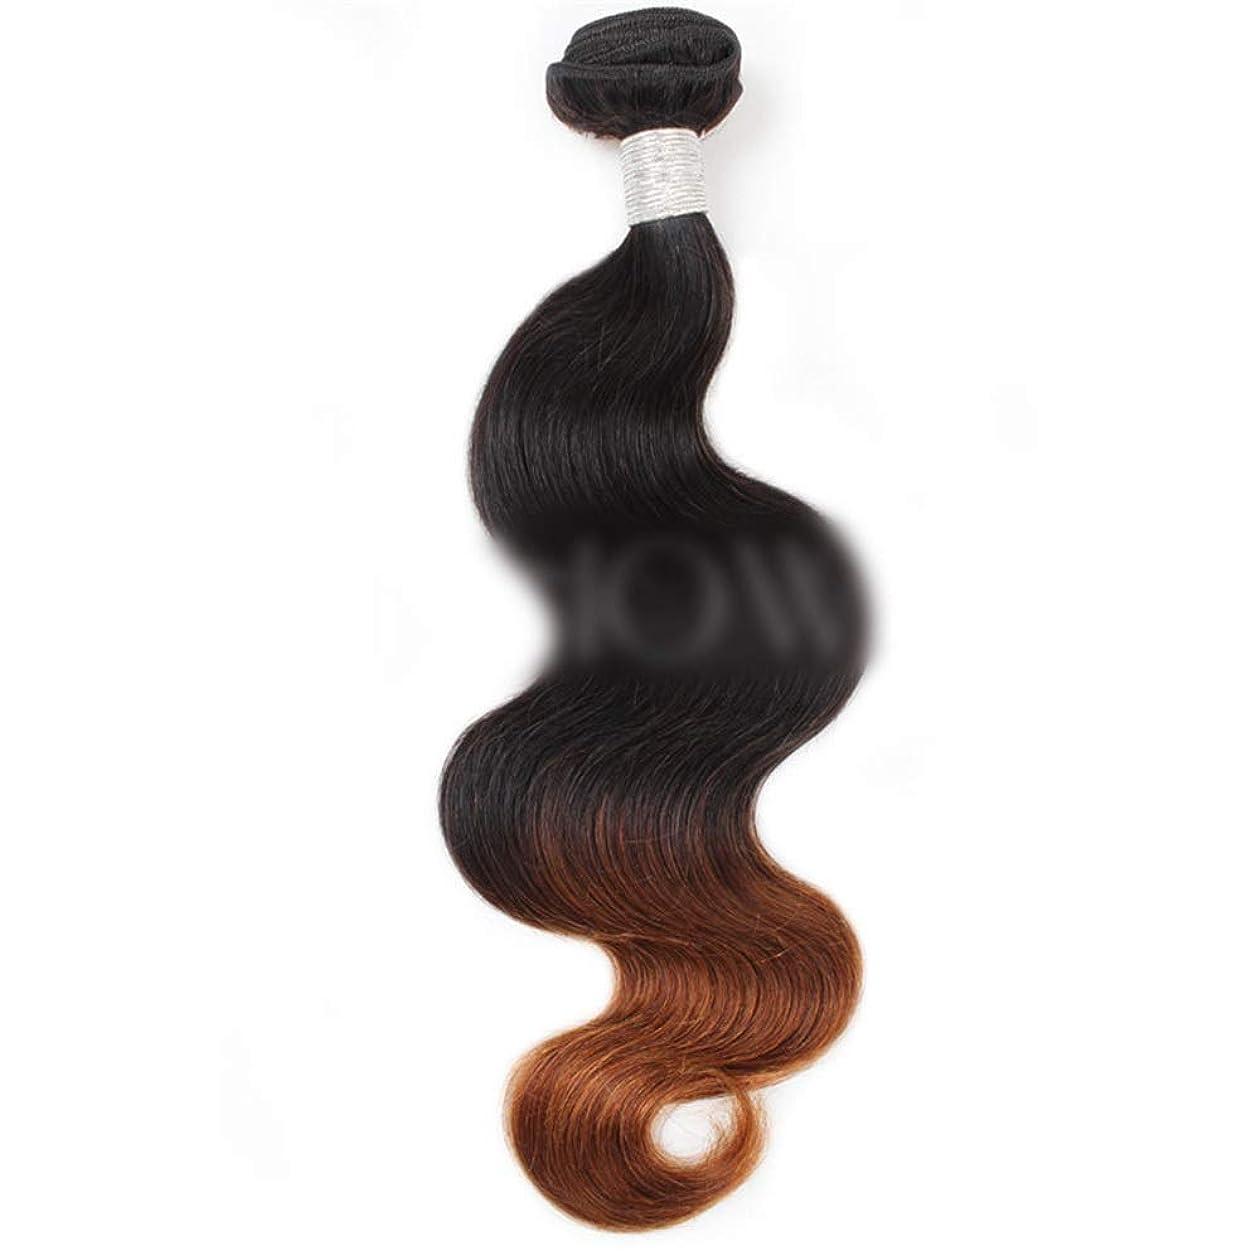 アライアンスぶら下がる可動式BOBIDYEE ブラジルの人間の髪の毛の束実体波バージンヘア織り方 - 1B / 4#2トーン色ロールプレイングかつら女性のかつら (色 : ブラウン, サイズ : 24 inch)